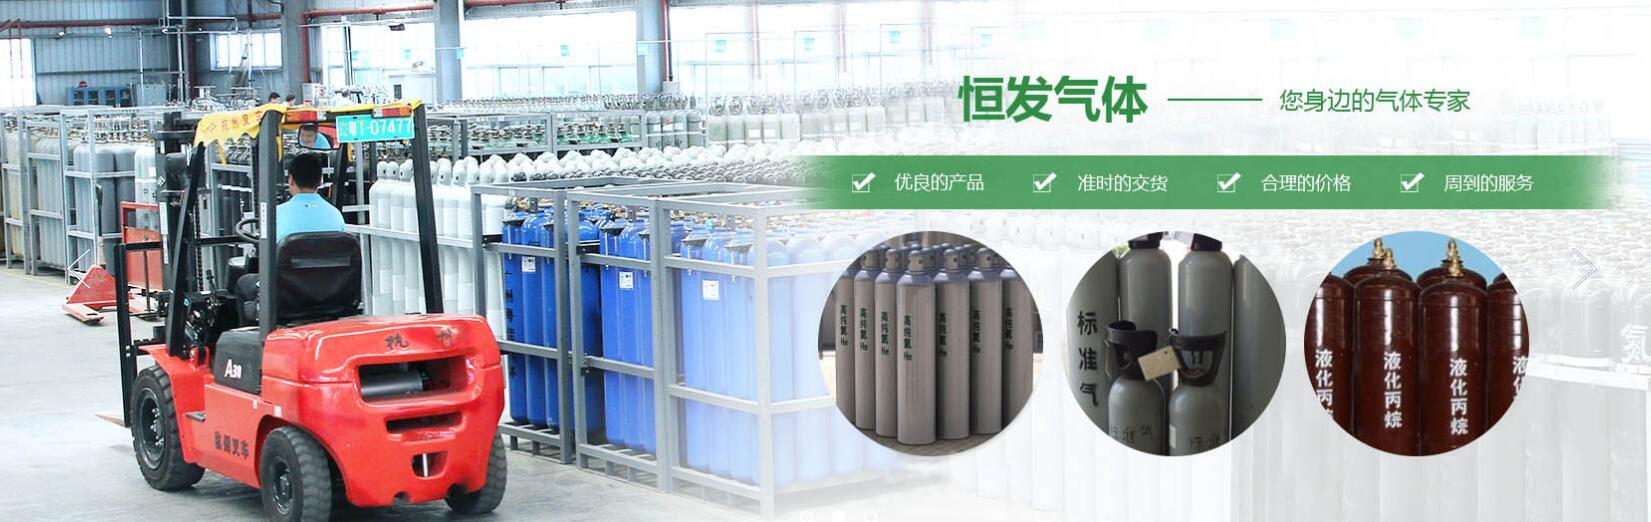 四川工业氩气